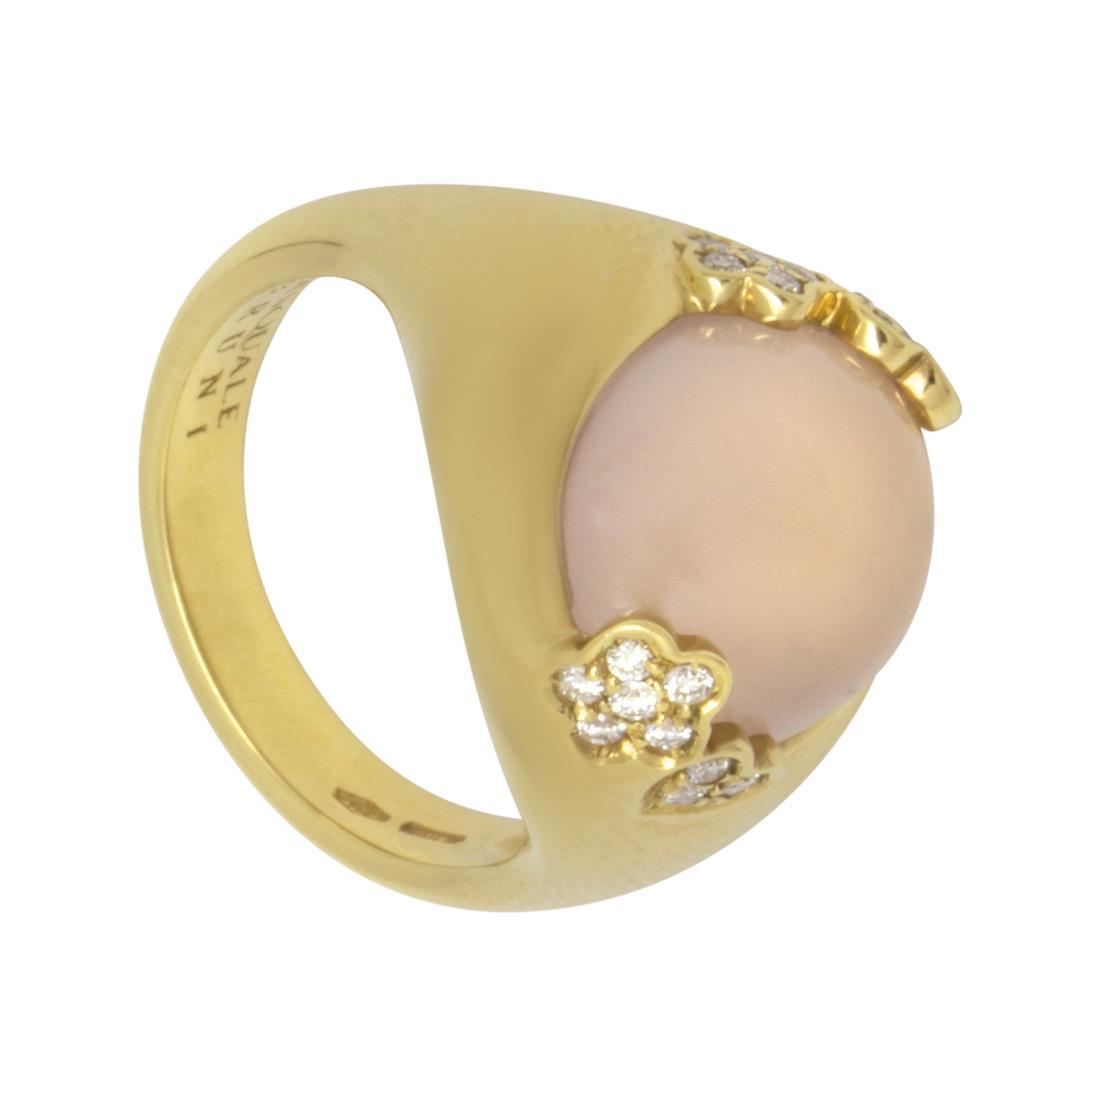 Anello design in oro giallo con diamanti - PASQUALE BRUNI